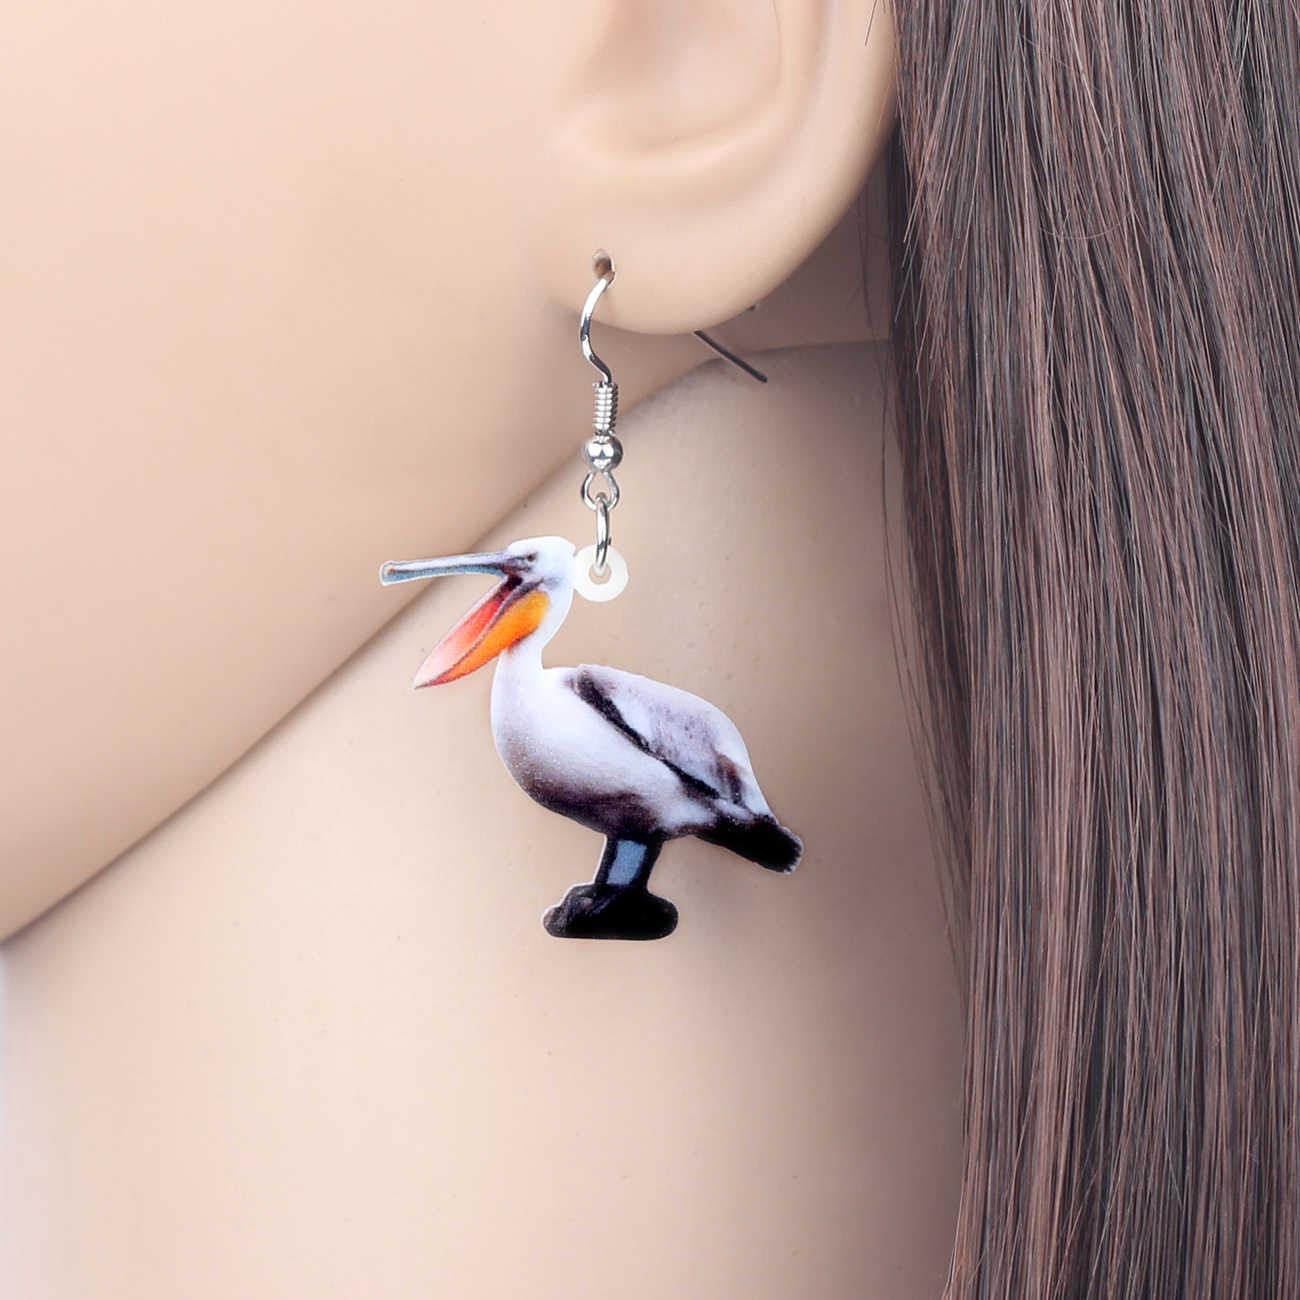 Bonsny Verklaring Acryl Novelty Pelican Vogel Oorbellen Dangle Drop Wild Dier Sieraden Gift Voor Vrouwen Meisjes Tieners Hanger Bijoux